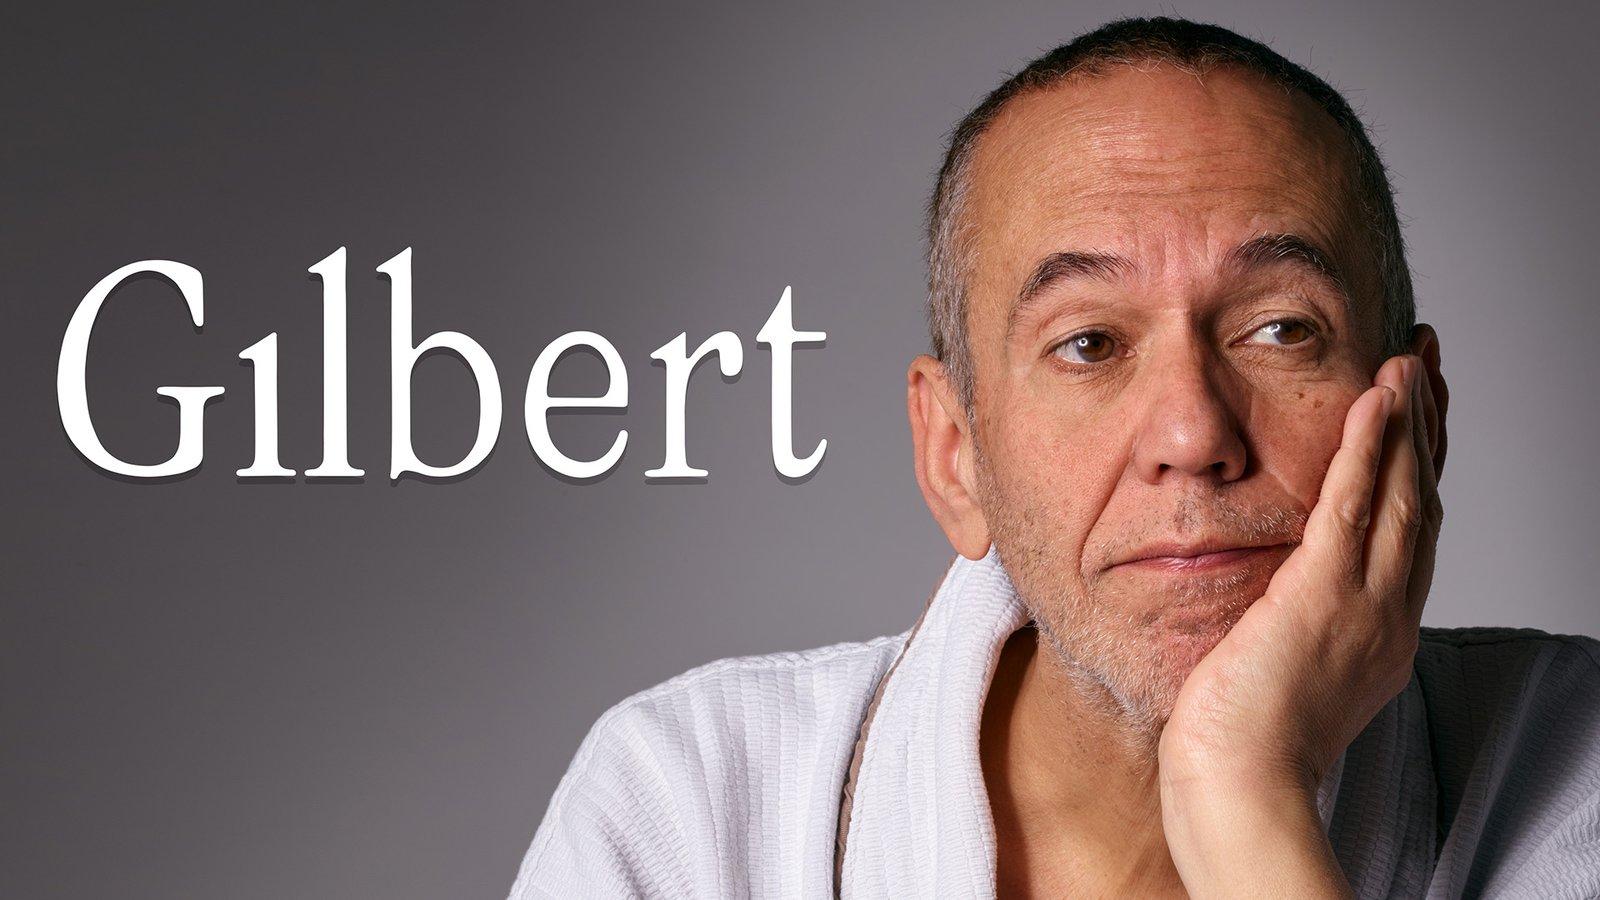 Gilbert - The Life of Comedian Gilbert Gottfried